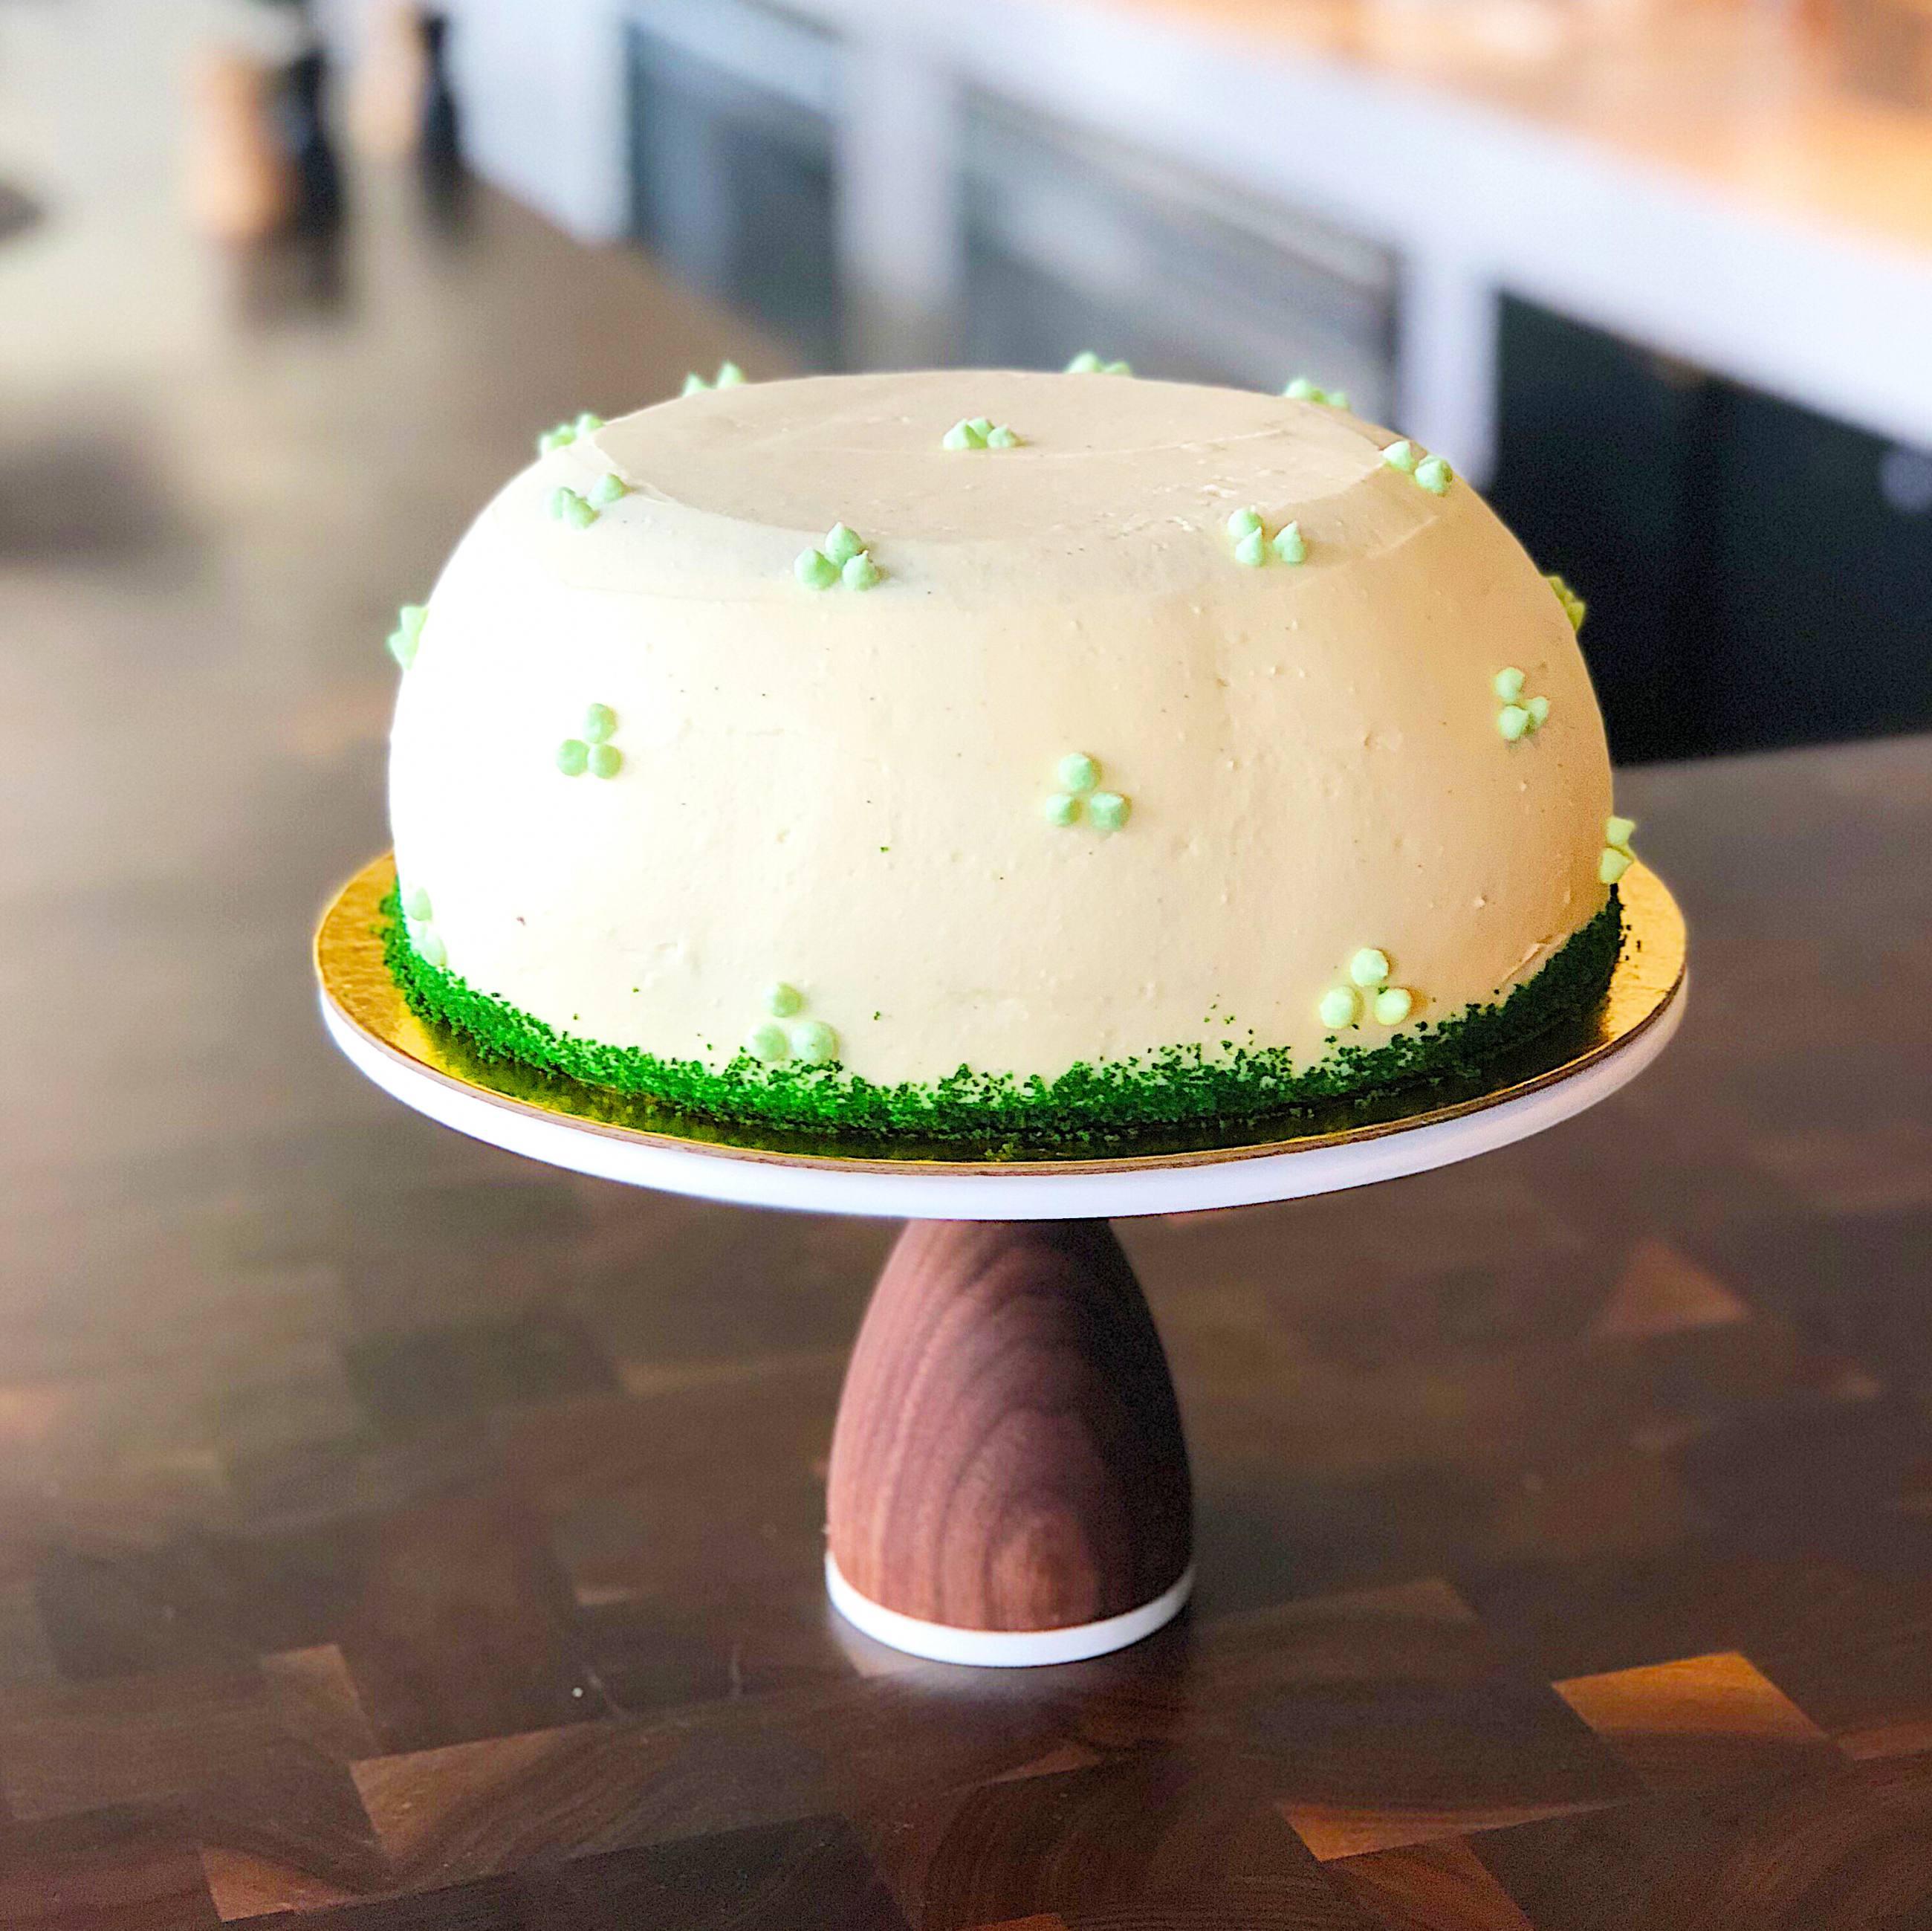 Green Velvet Cake at Tavern in Brentwood